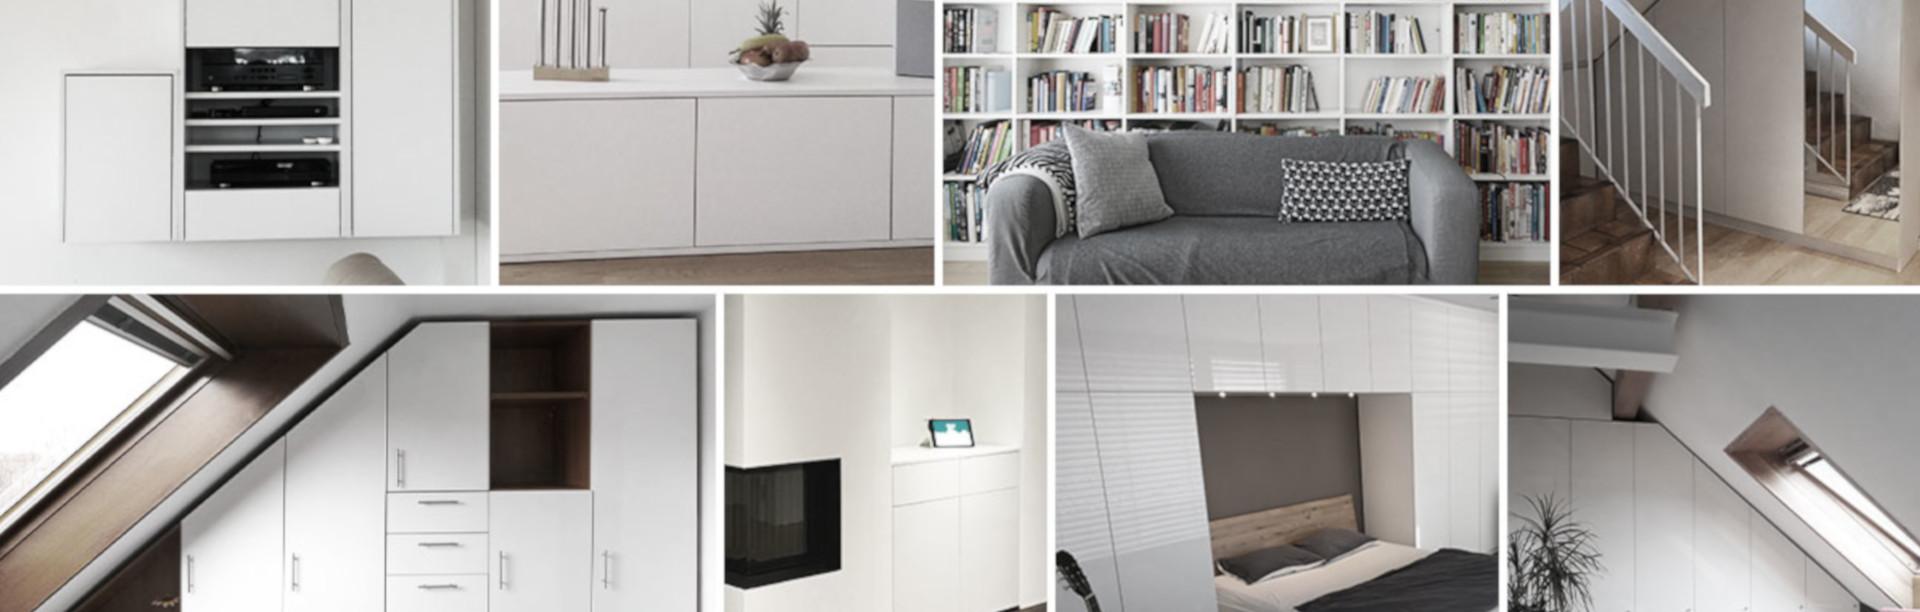 Möbel nach Maß individuell online planen | schrankwerk.de